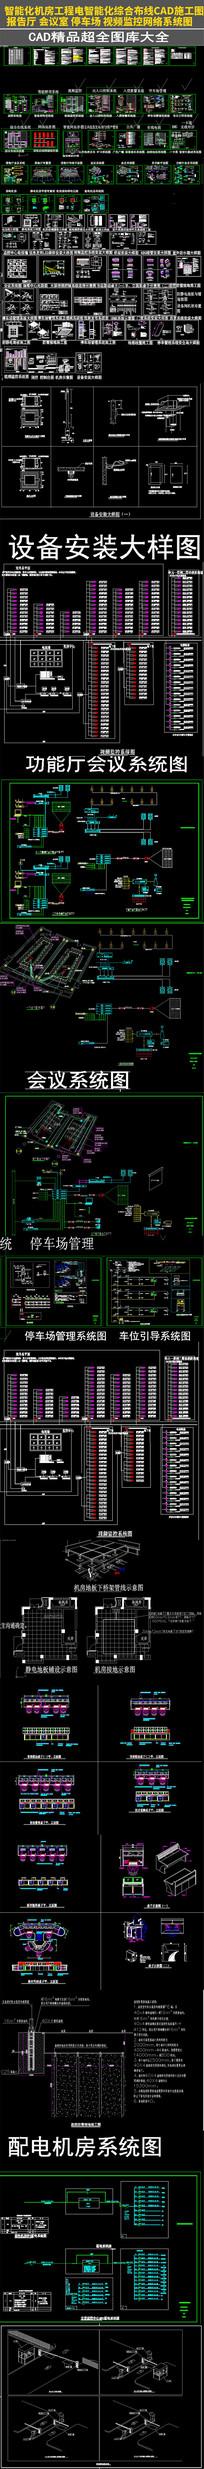 智能化机房工程电智能化综合布线CAD dwg